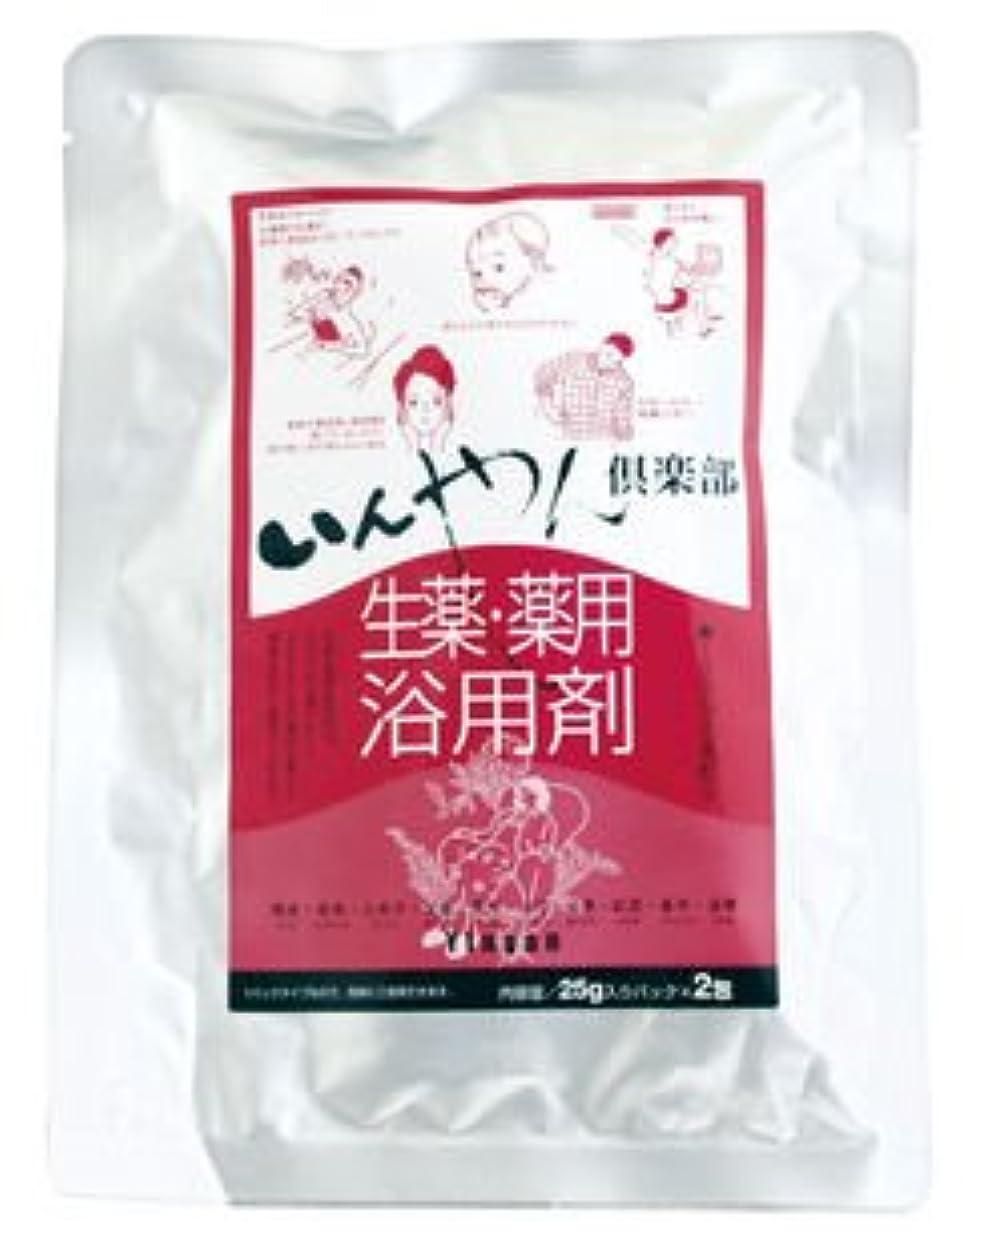 もう一度地殻ベル生薬 薬用浴用剤 25g×2包